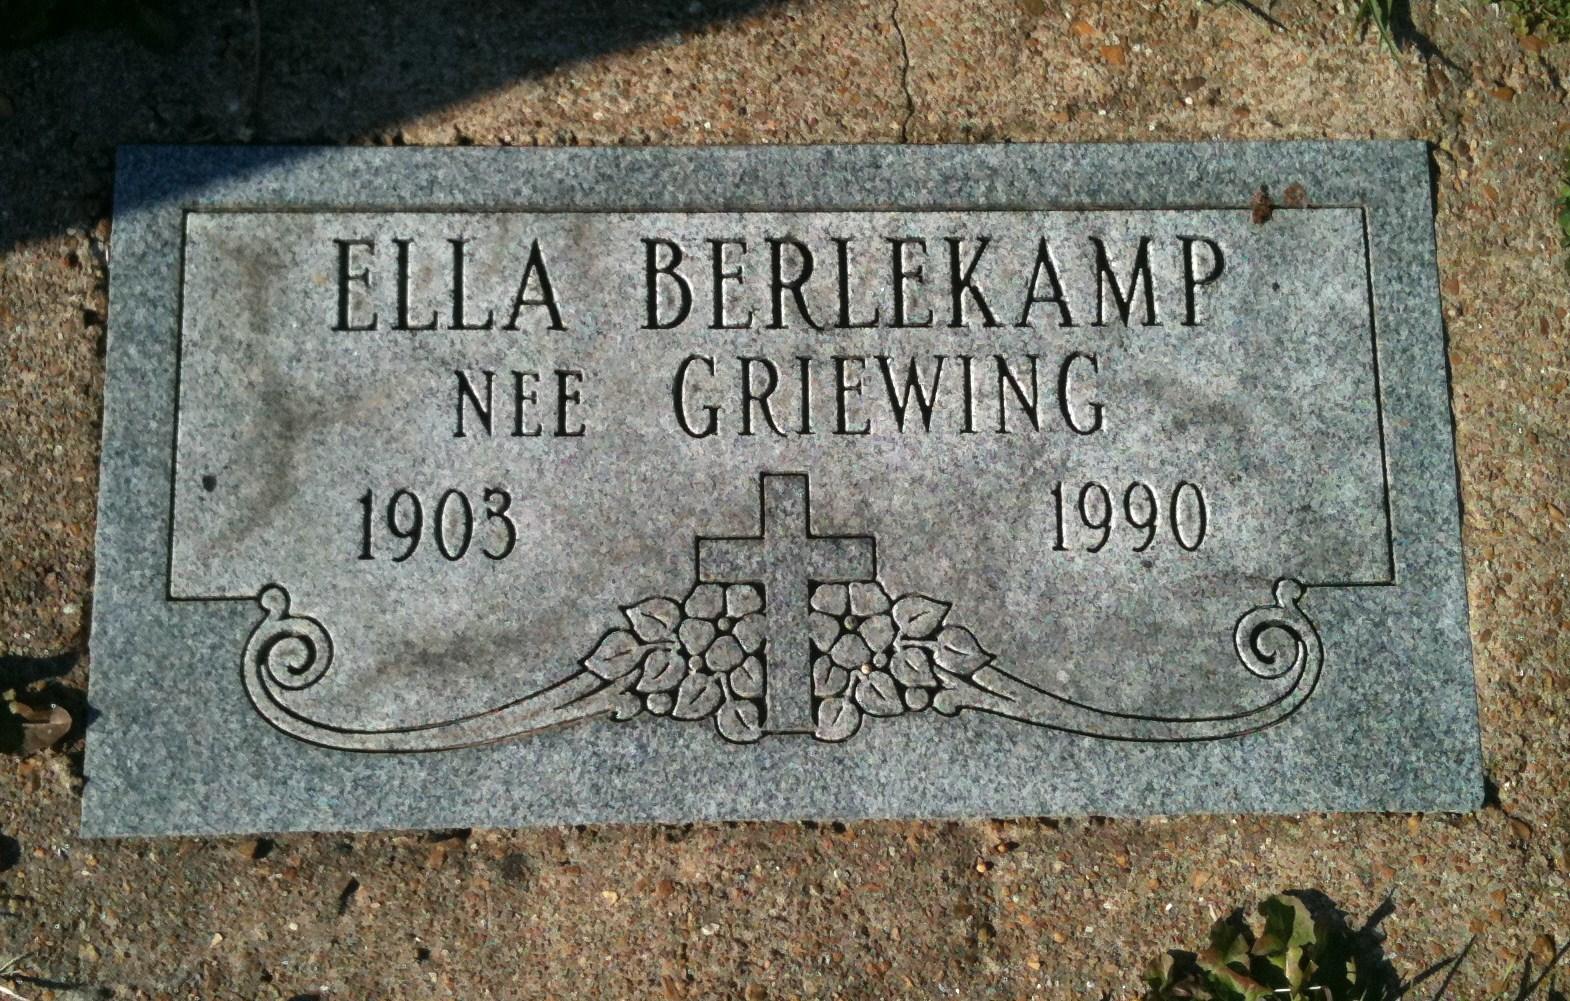 Ella L <i>Griewing</i> Berlekamp